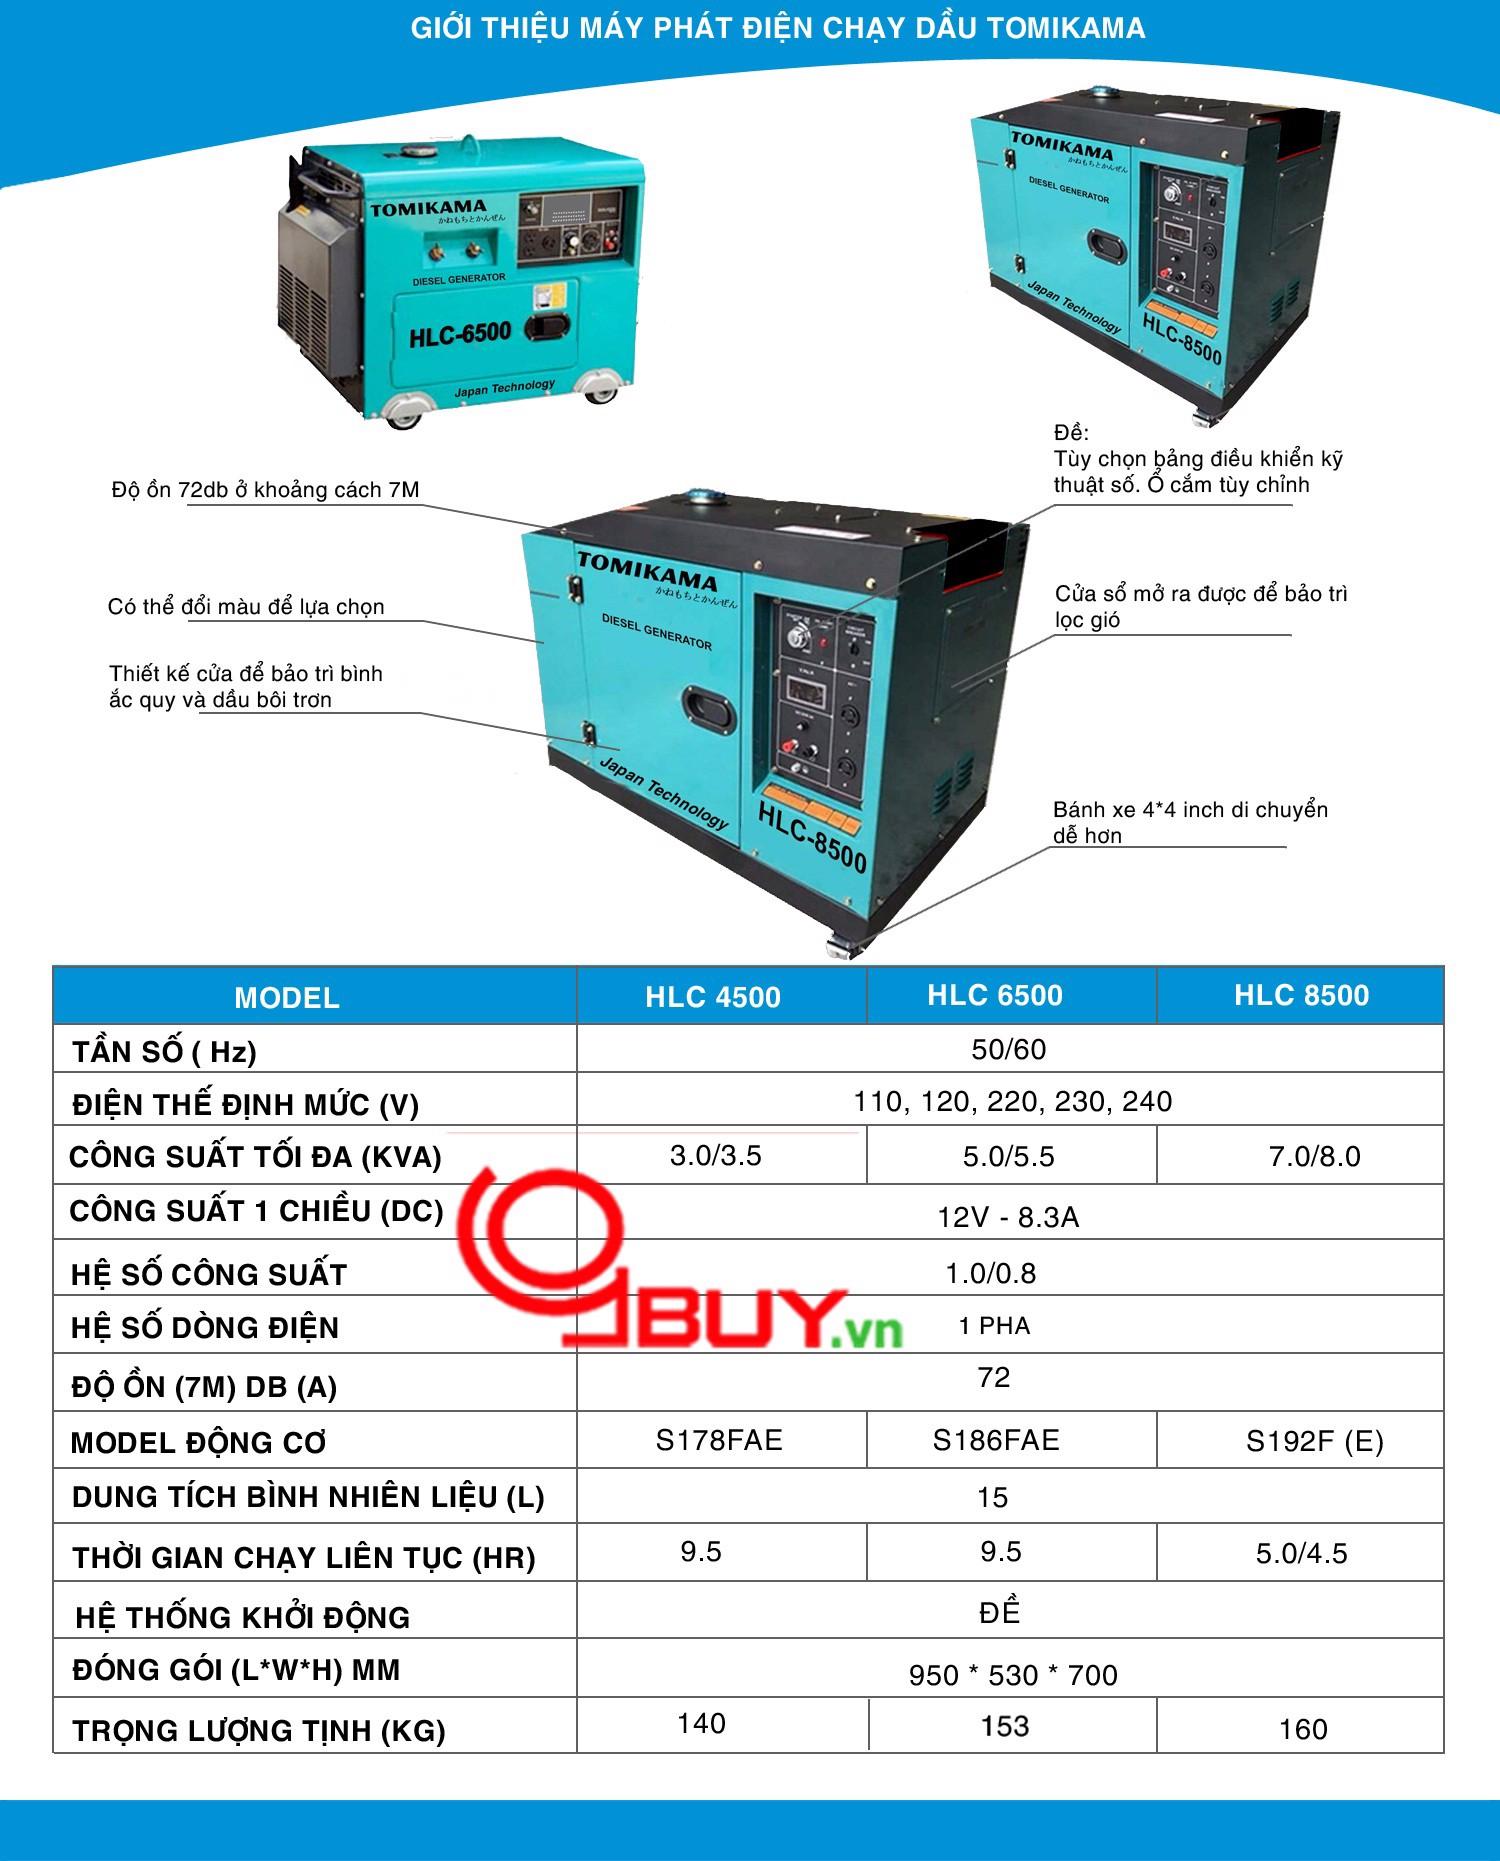 www.kenhraovat.com: Máy phát điện công nghệ Nhật Bản